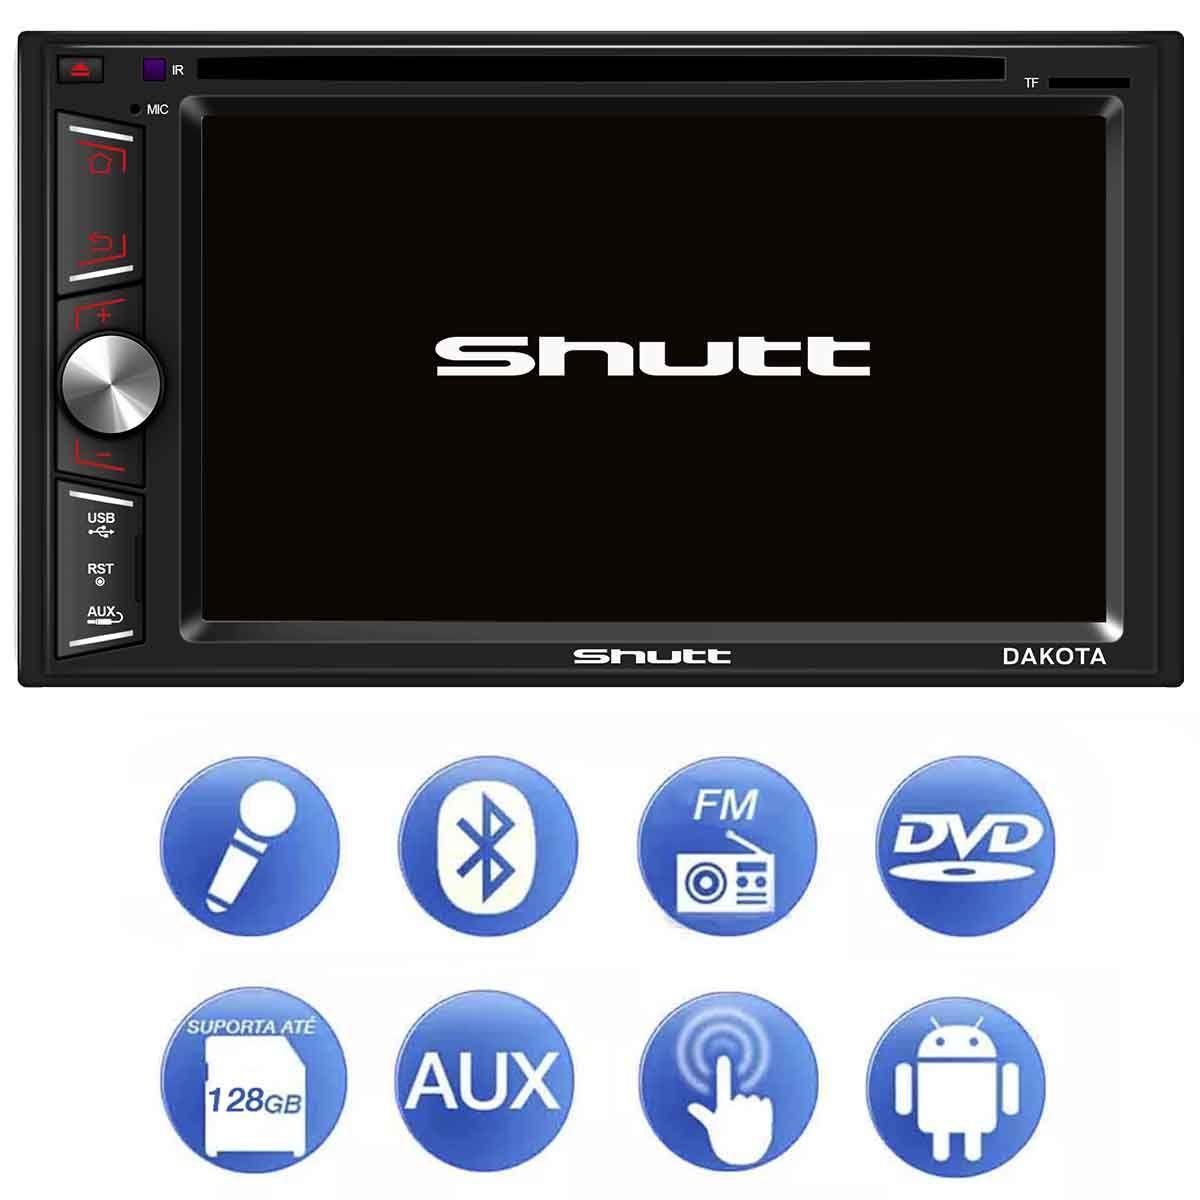 """505e56a34 Central Multimídia Shutt Dakota 6.2"""" Bluetooth Espelhamento + Moldura do  Painel 2 Din Linha Toyota R$ 508,90 à vista. Adicionar à sacola"""